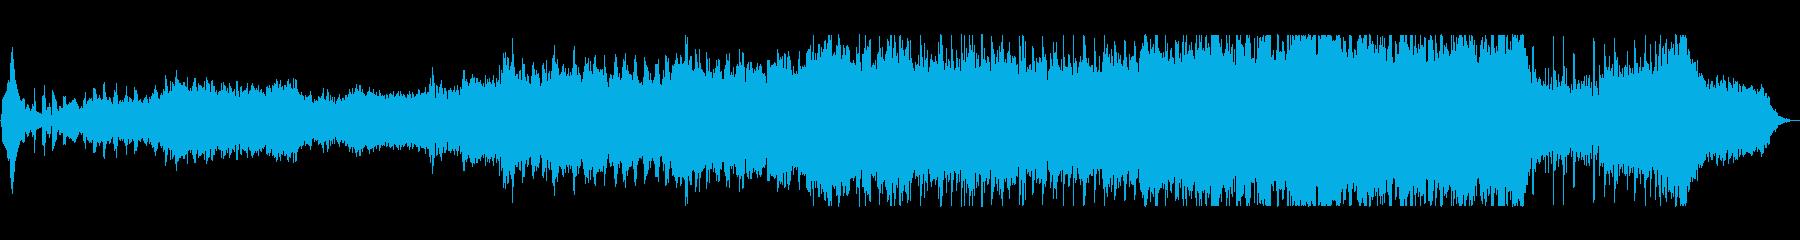 明るく勢いのある管楽器やシンセサイザー曲の再生済みの波形